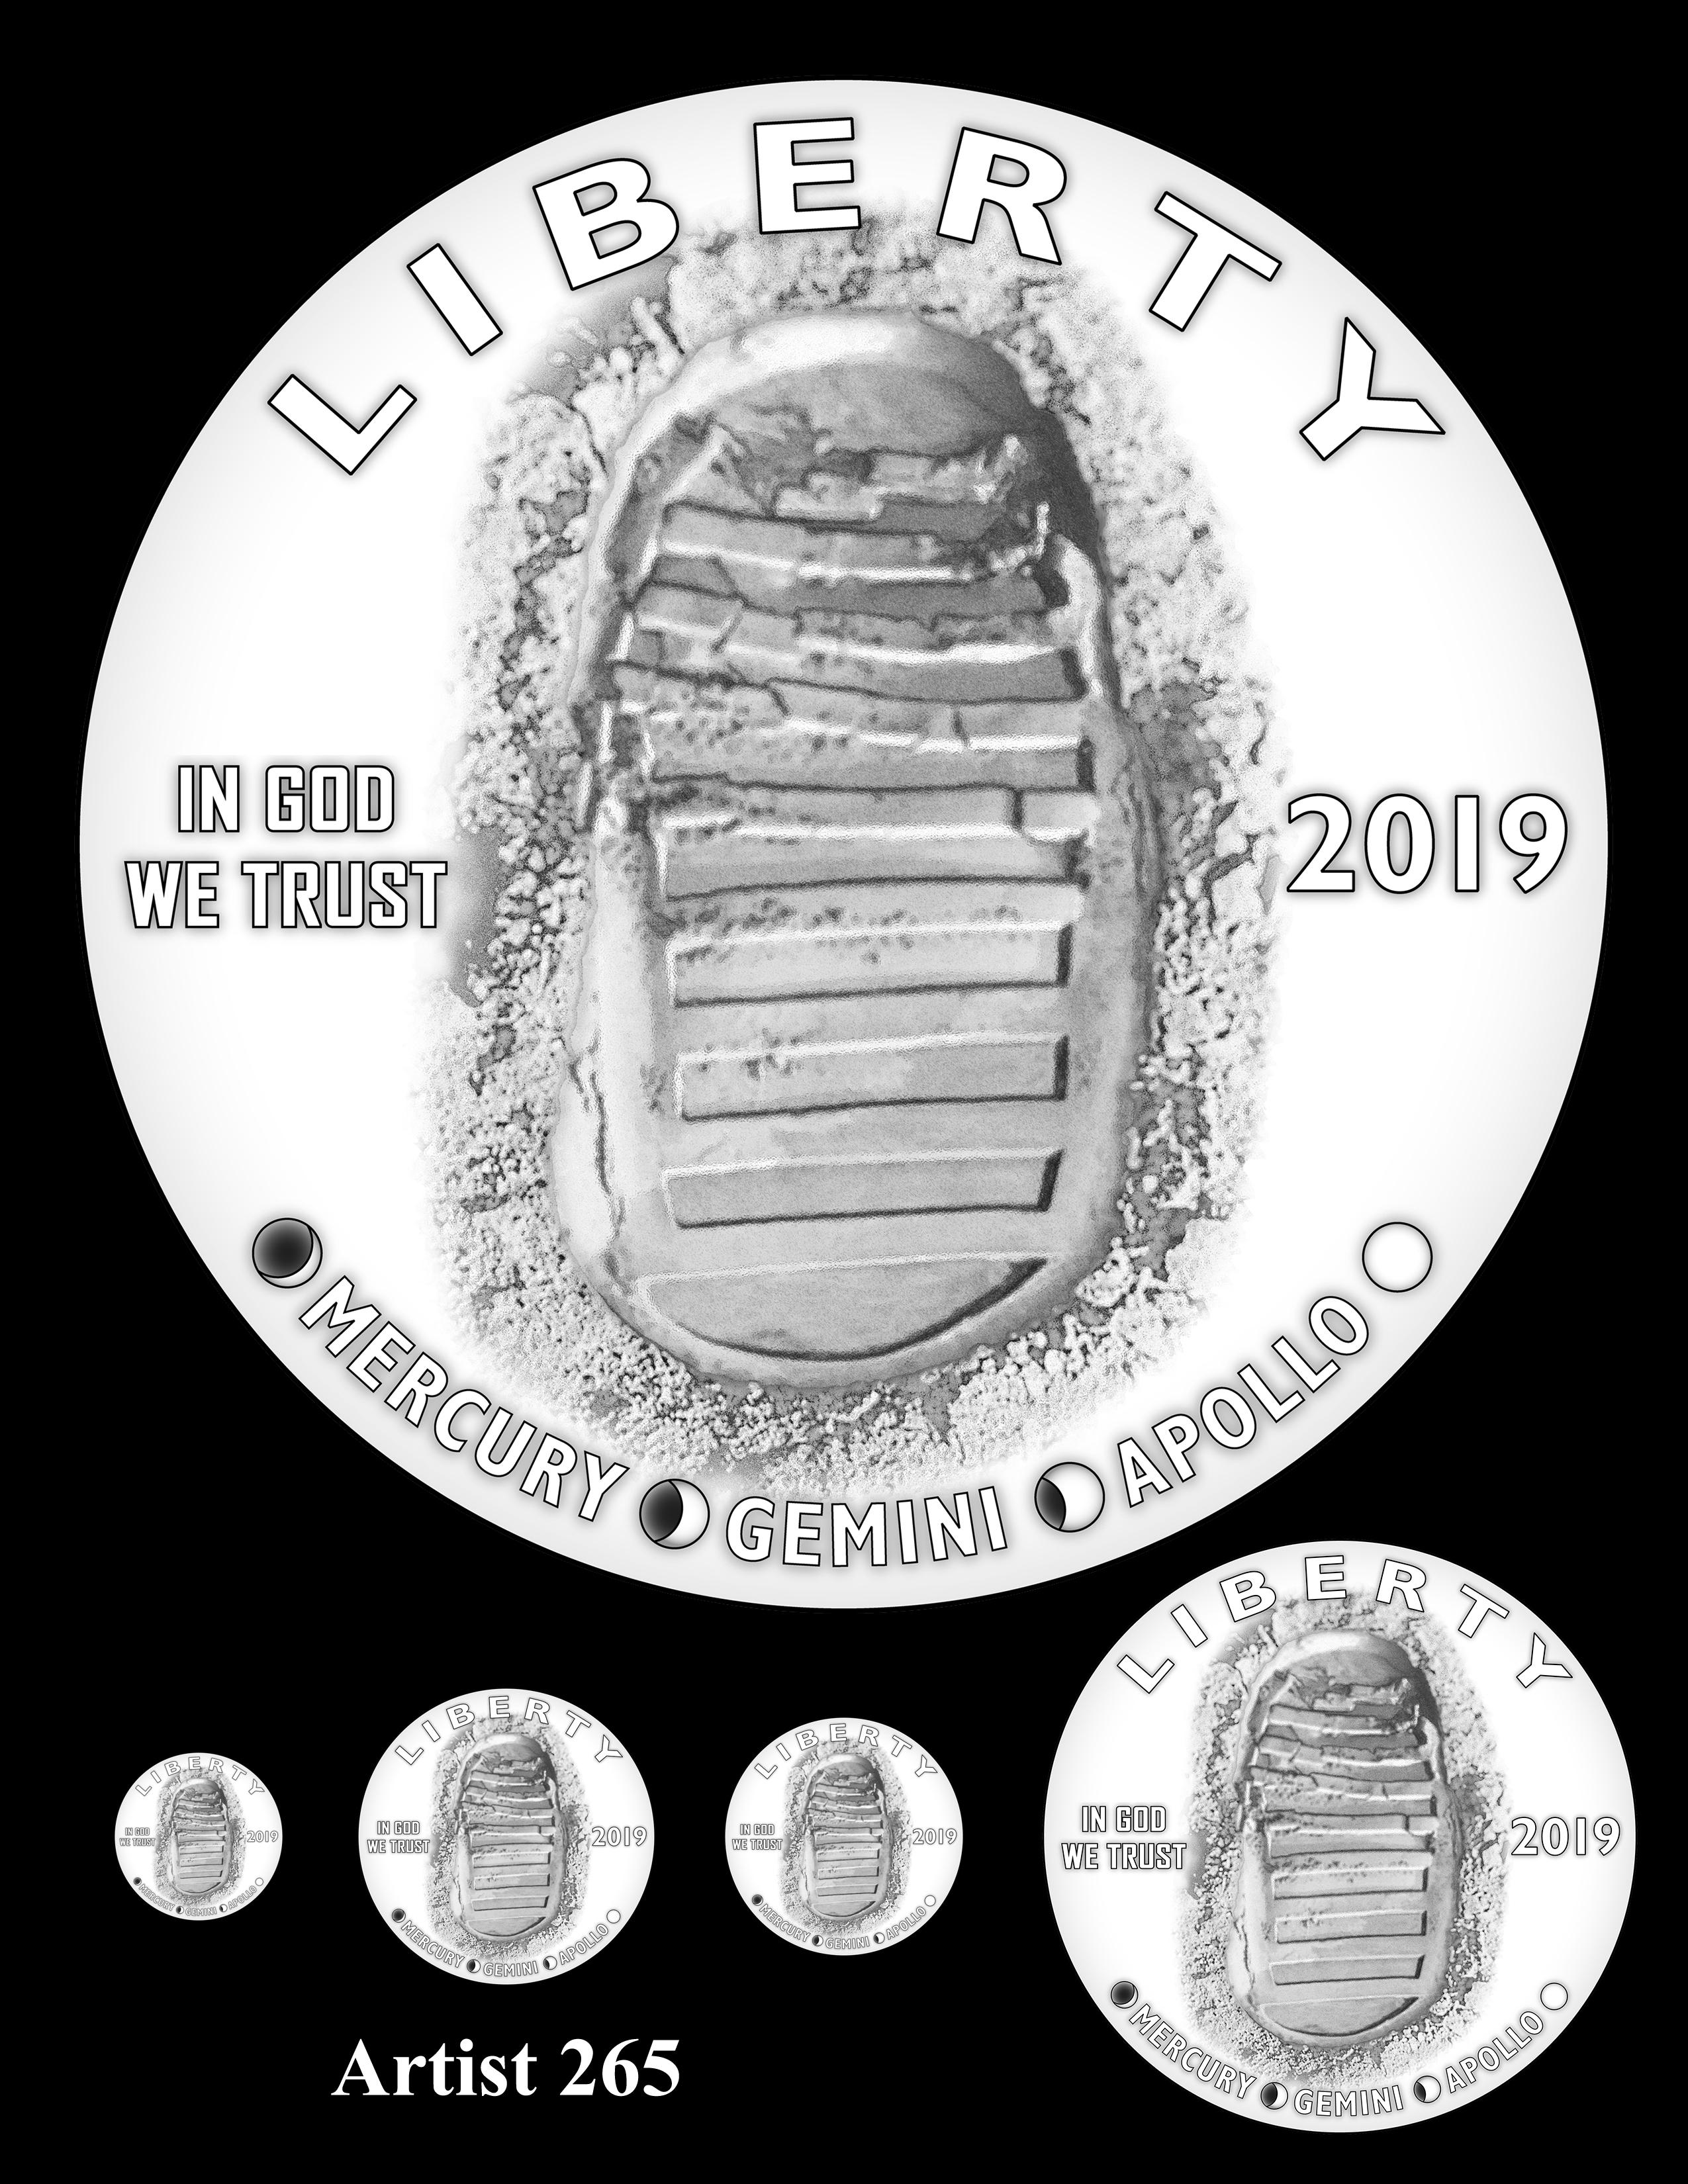 Artist 265 -- Apollo 11 50th Anniversary Commemorative Coin Obverse Design Competition